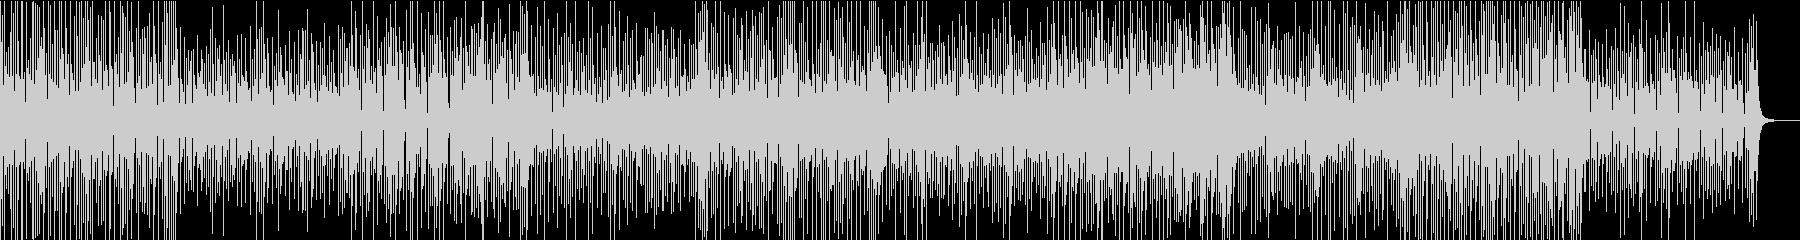 5拍子のアジア系シンセミュージックの未再生の波形